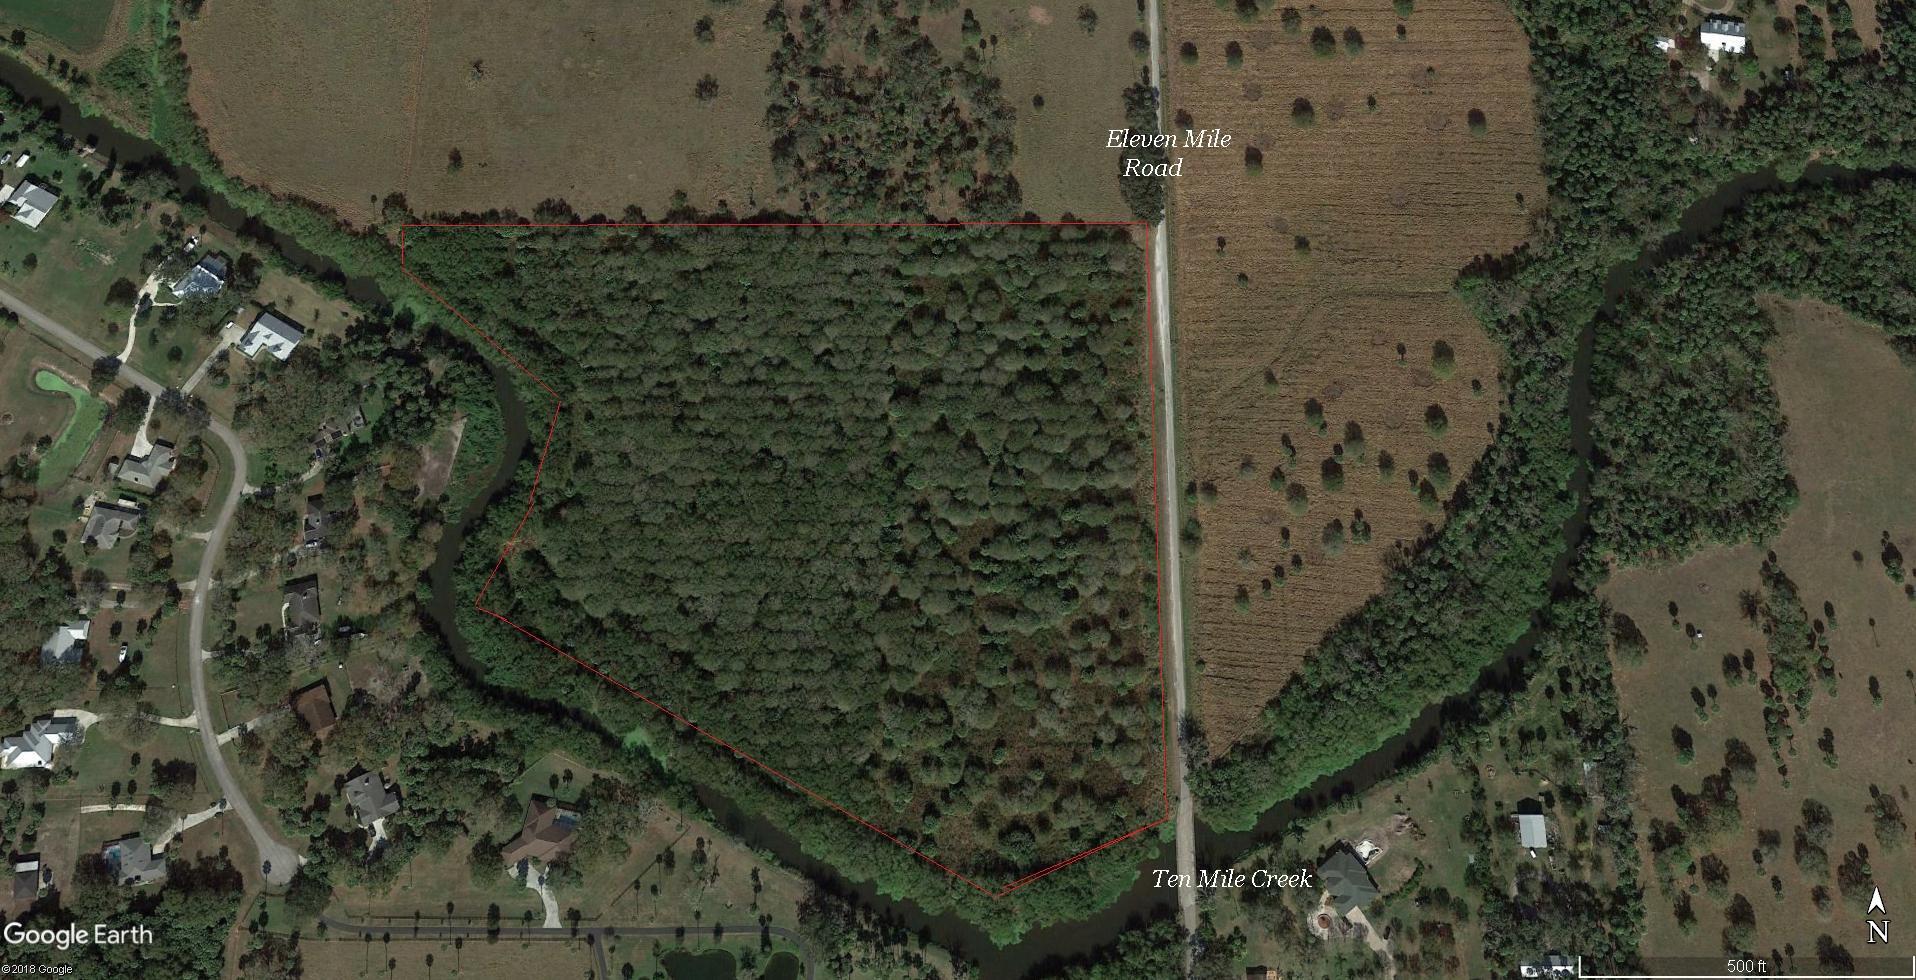 Freeman_3950_Eleven Mile Road_24 acres